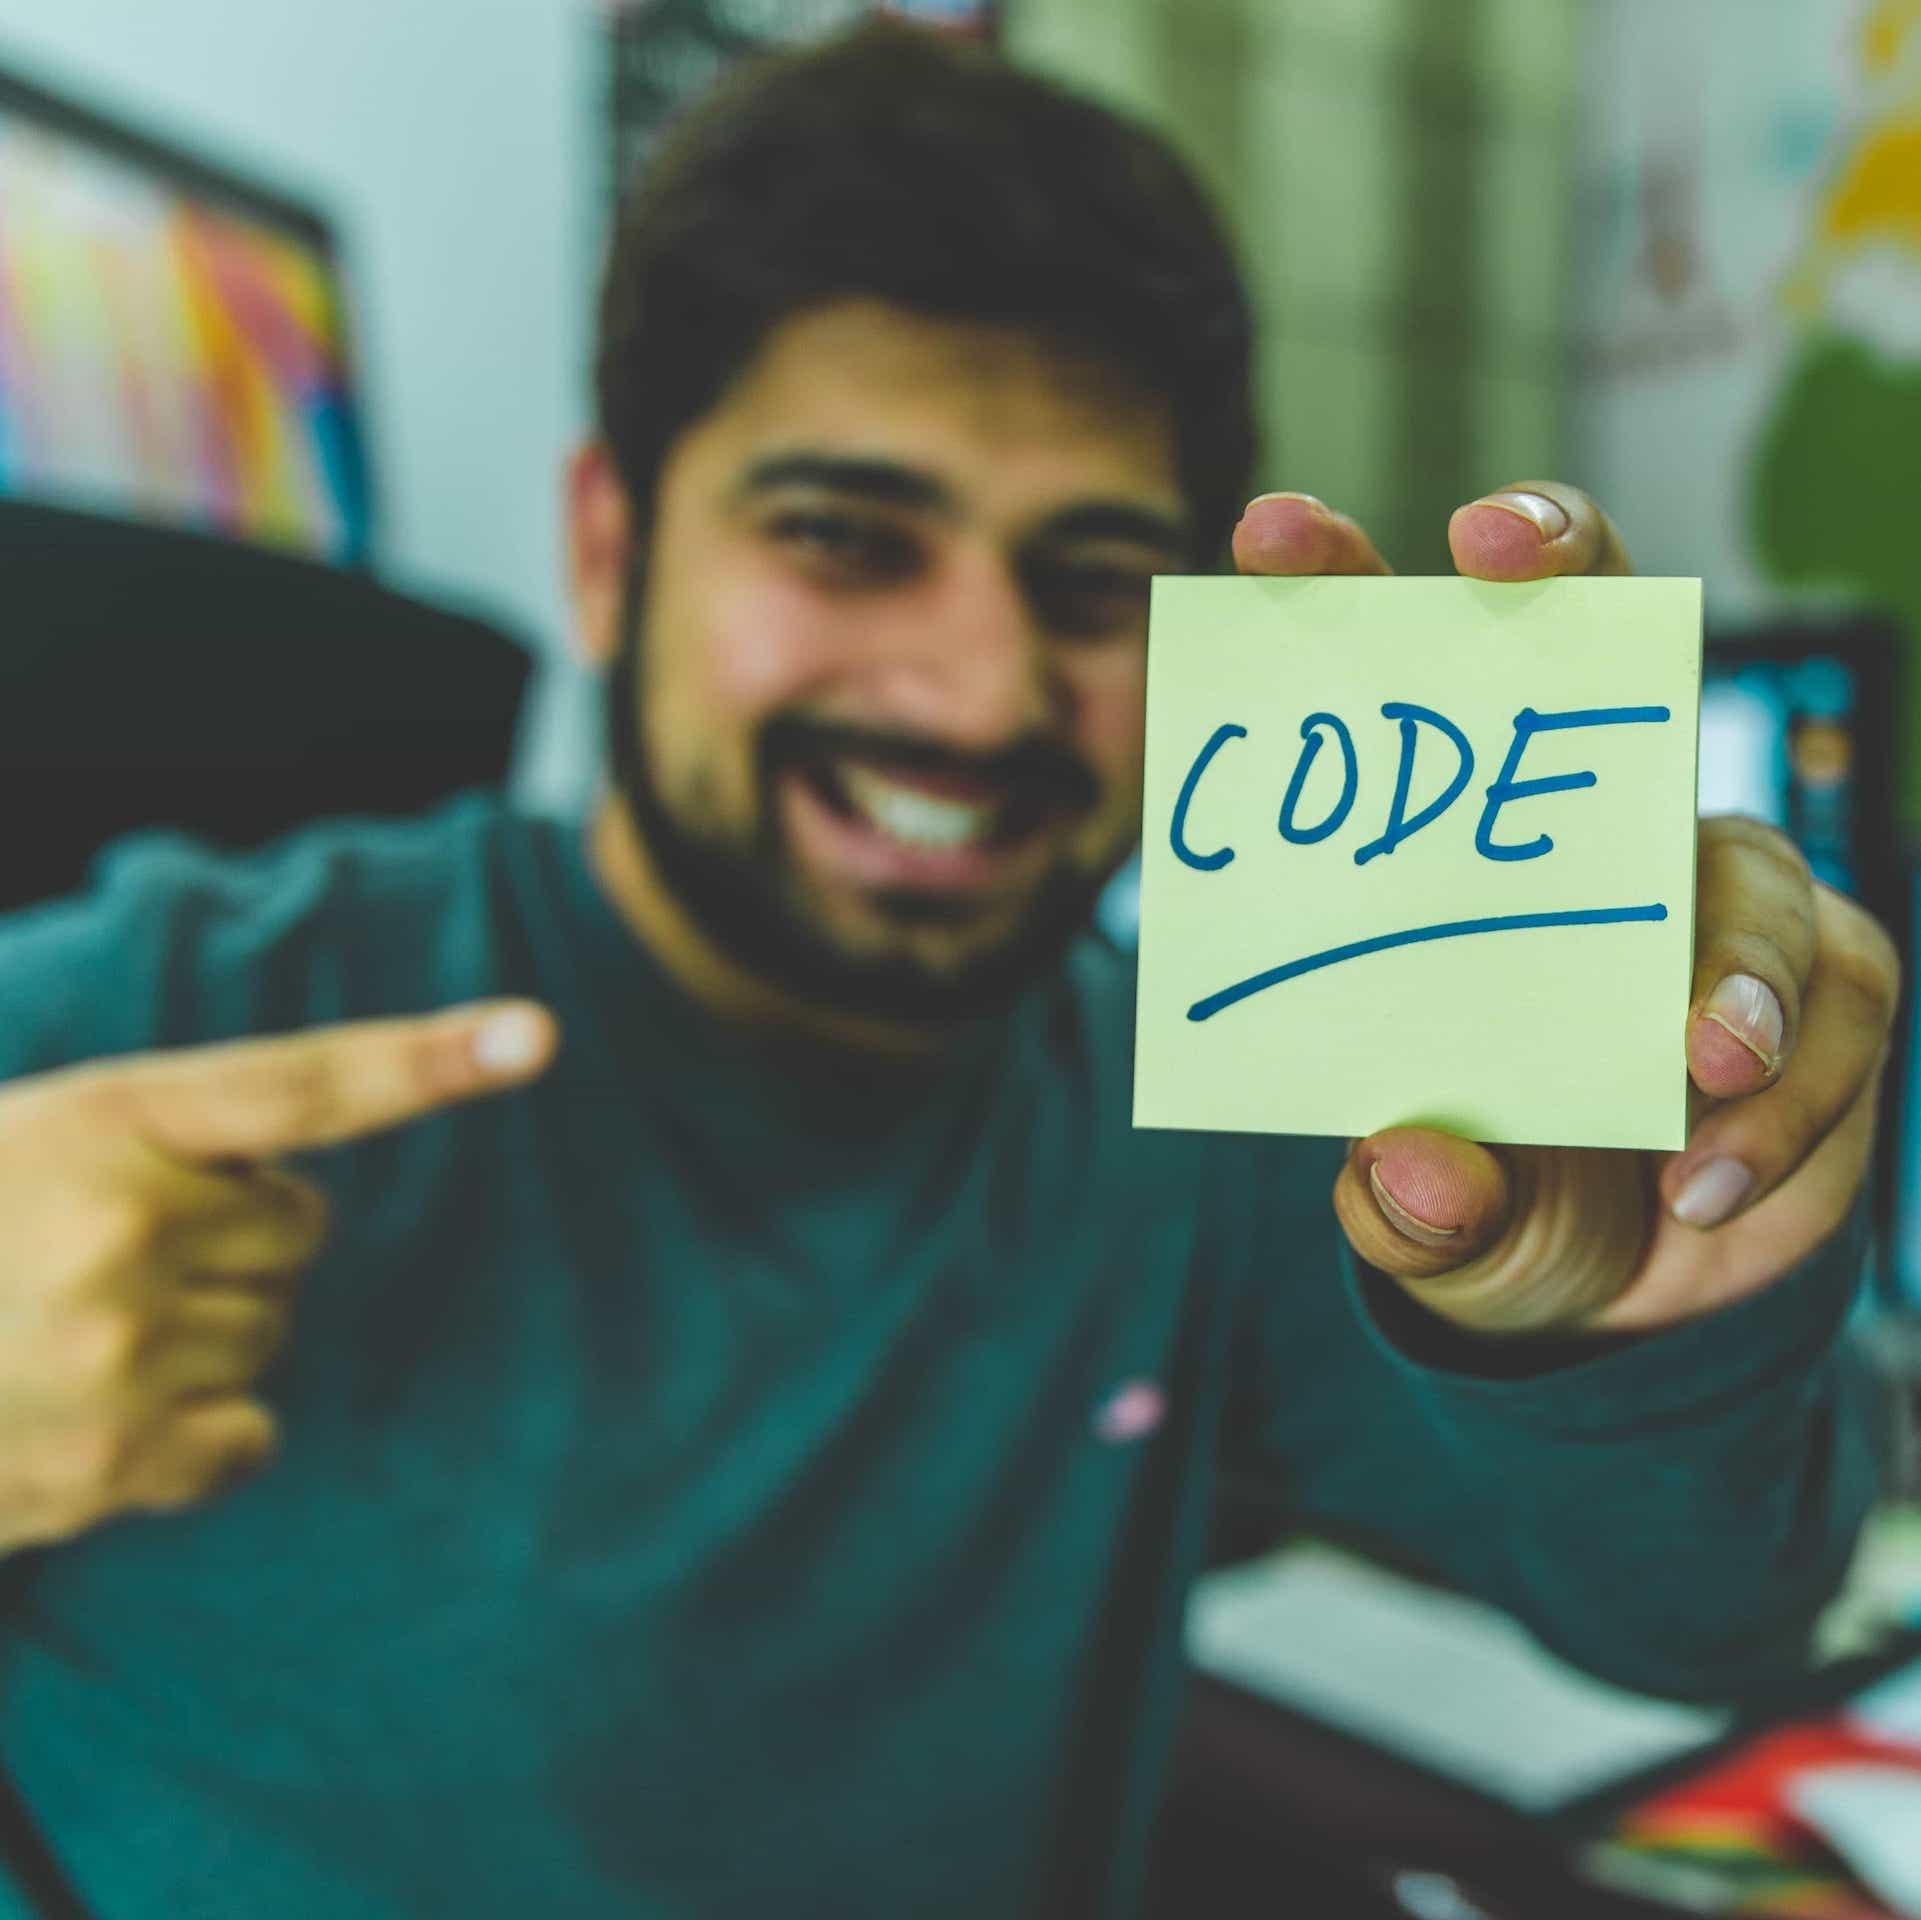 Staňte sa programátorom. Čo všetko obsahuje proces programovania?